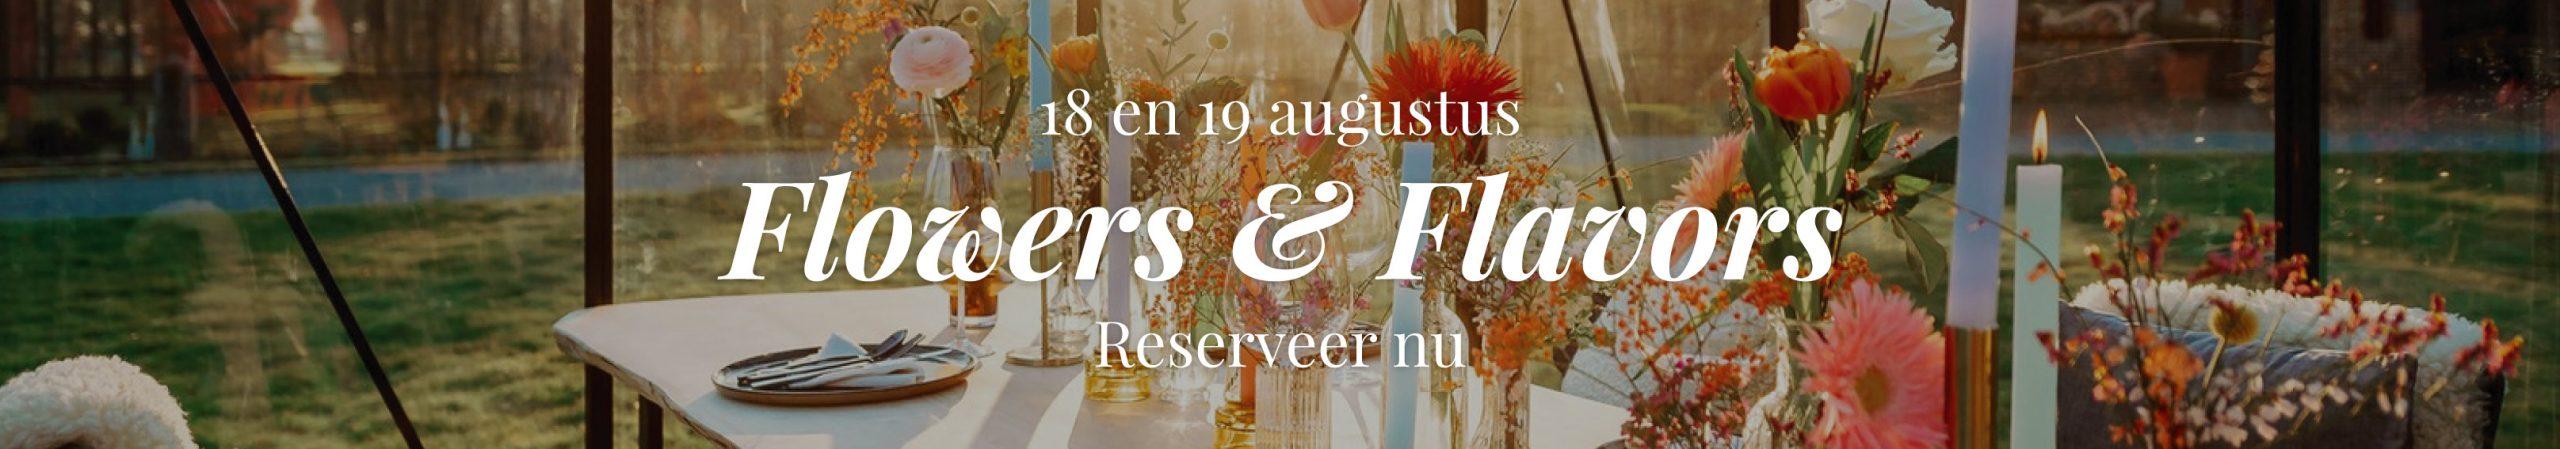 Flower & Flavors - Reserveer nu